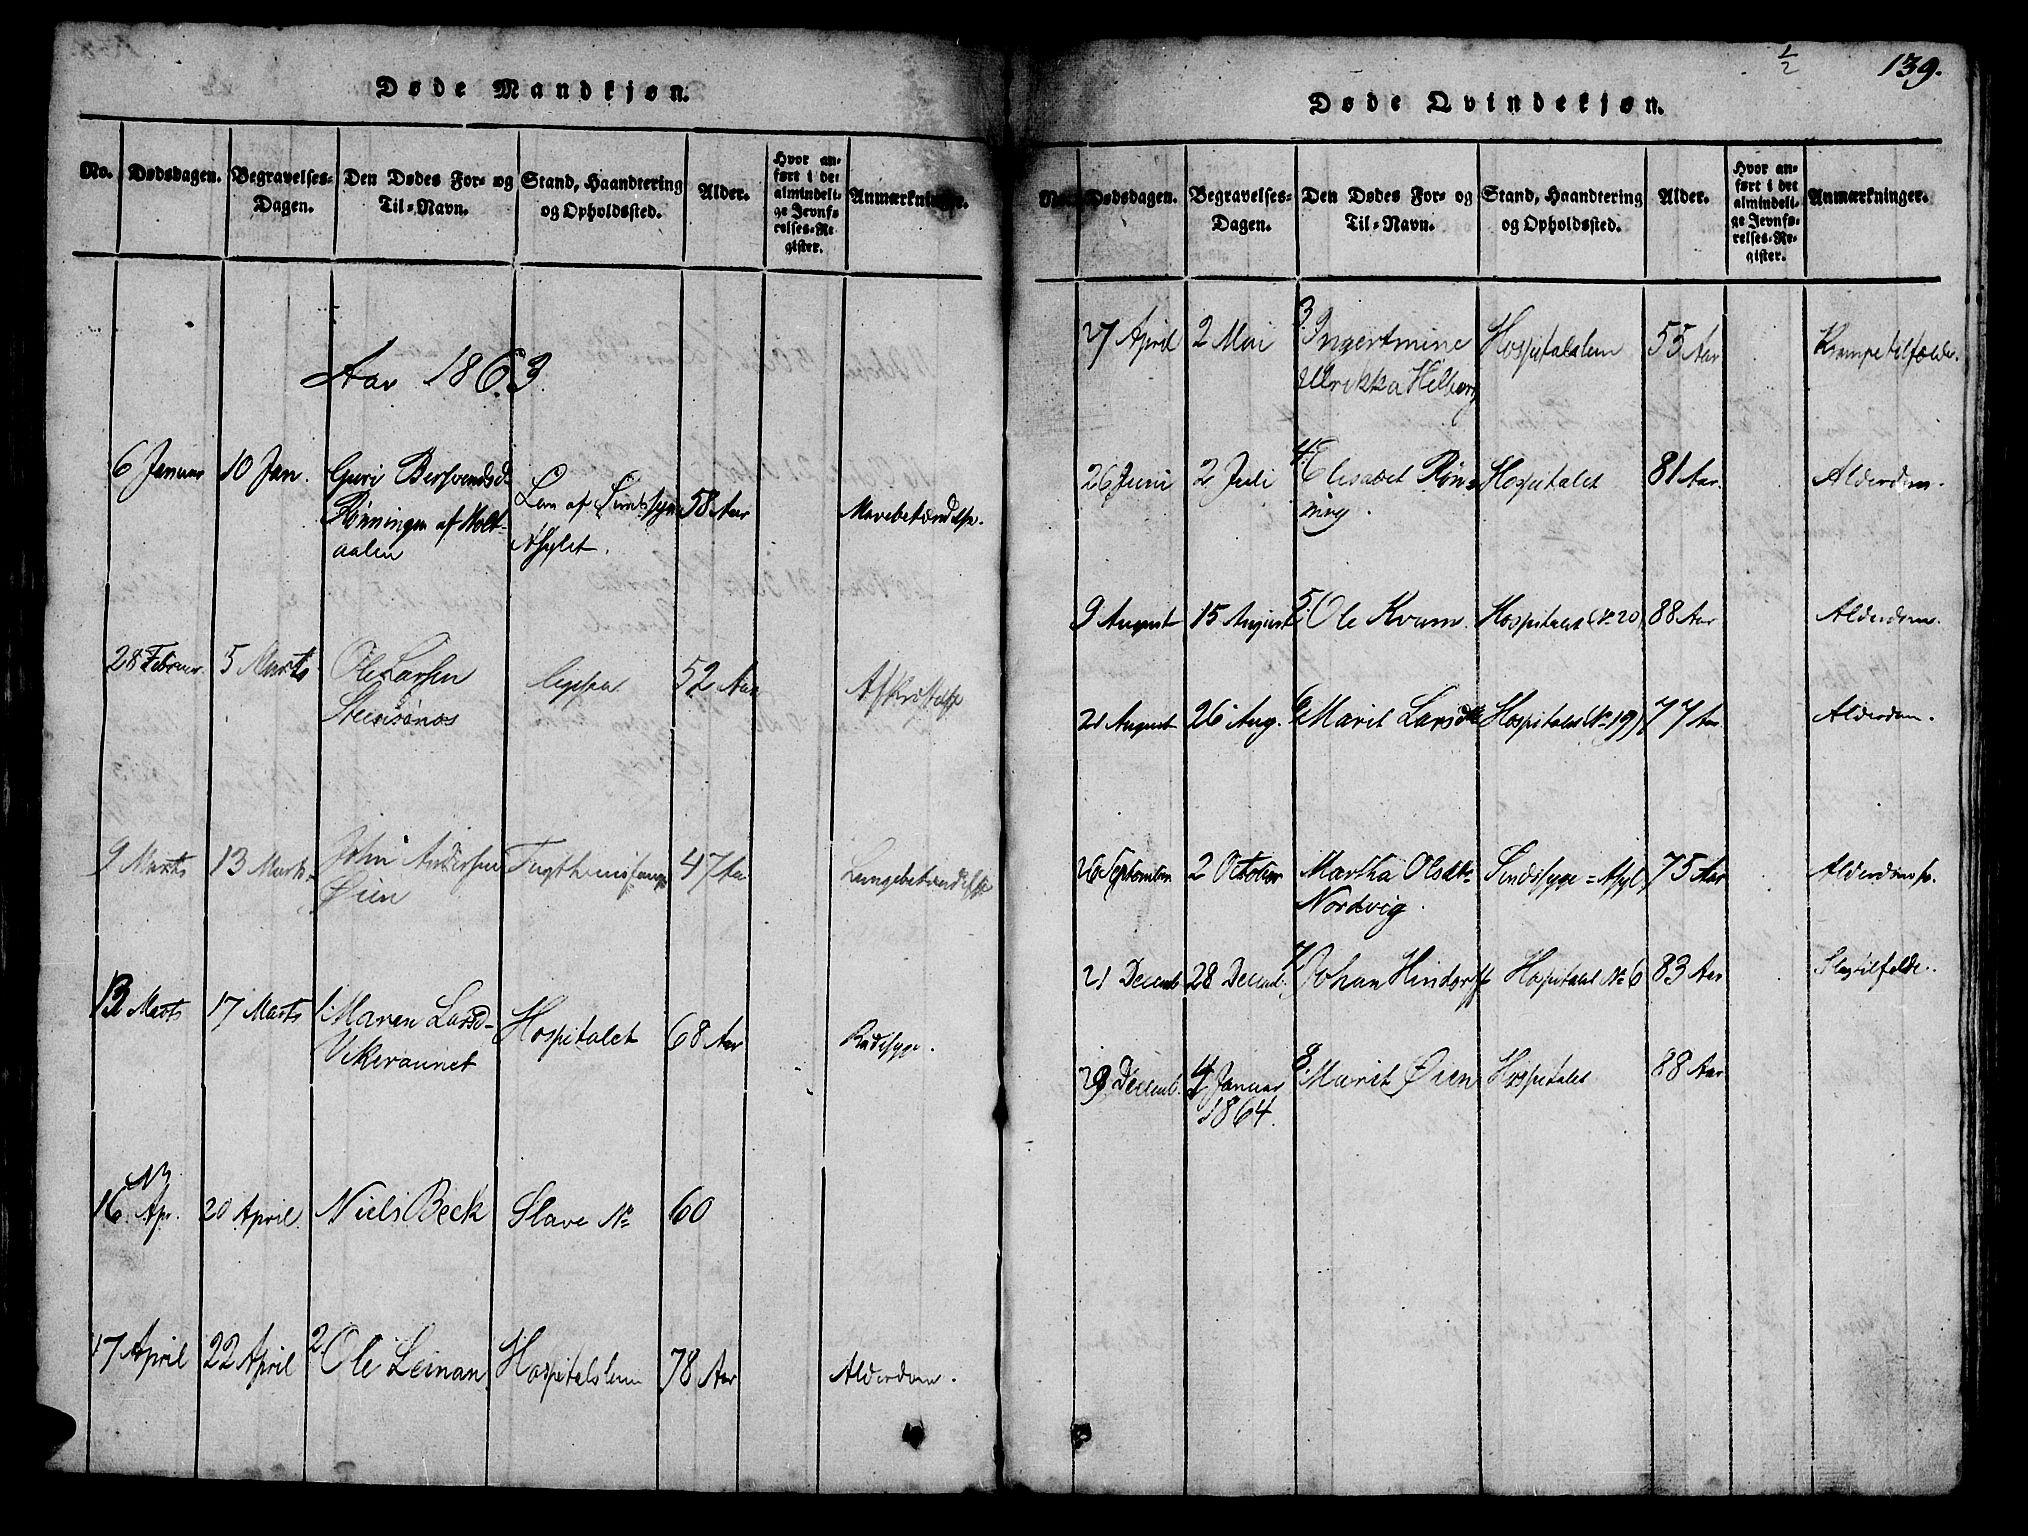 SAT, Ministerialprotokoller, klokkerbøker og fødselsregistre - Sør-Trøndelag, 623/L0478: Klokkerbok nr. 623C01, 1815-1873, s. 139